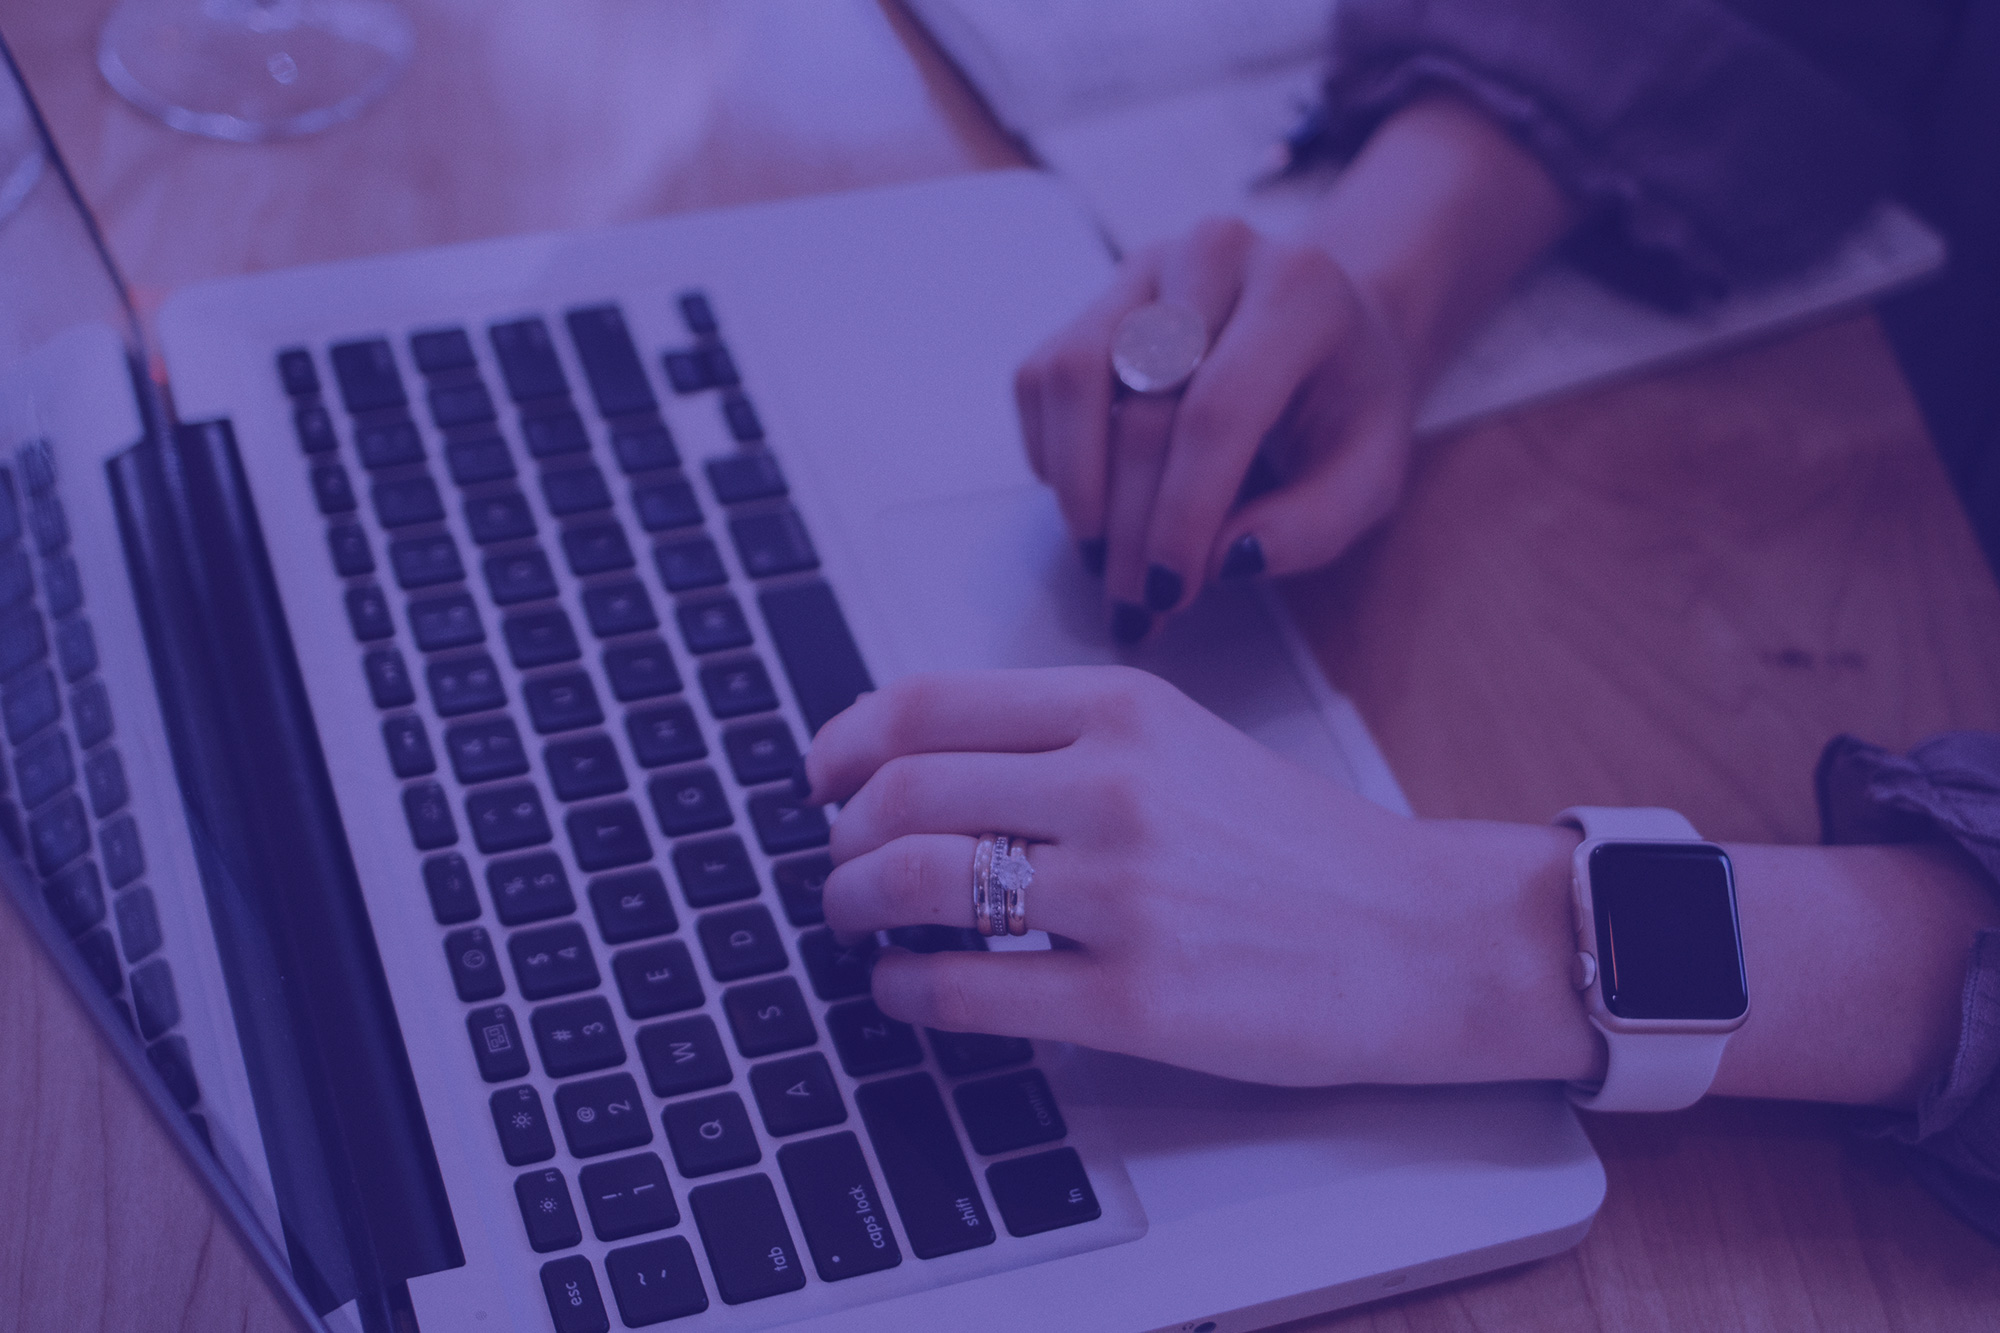 Qué tienes que saber sí o sí al escribir emails en inglés